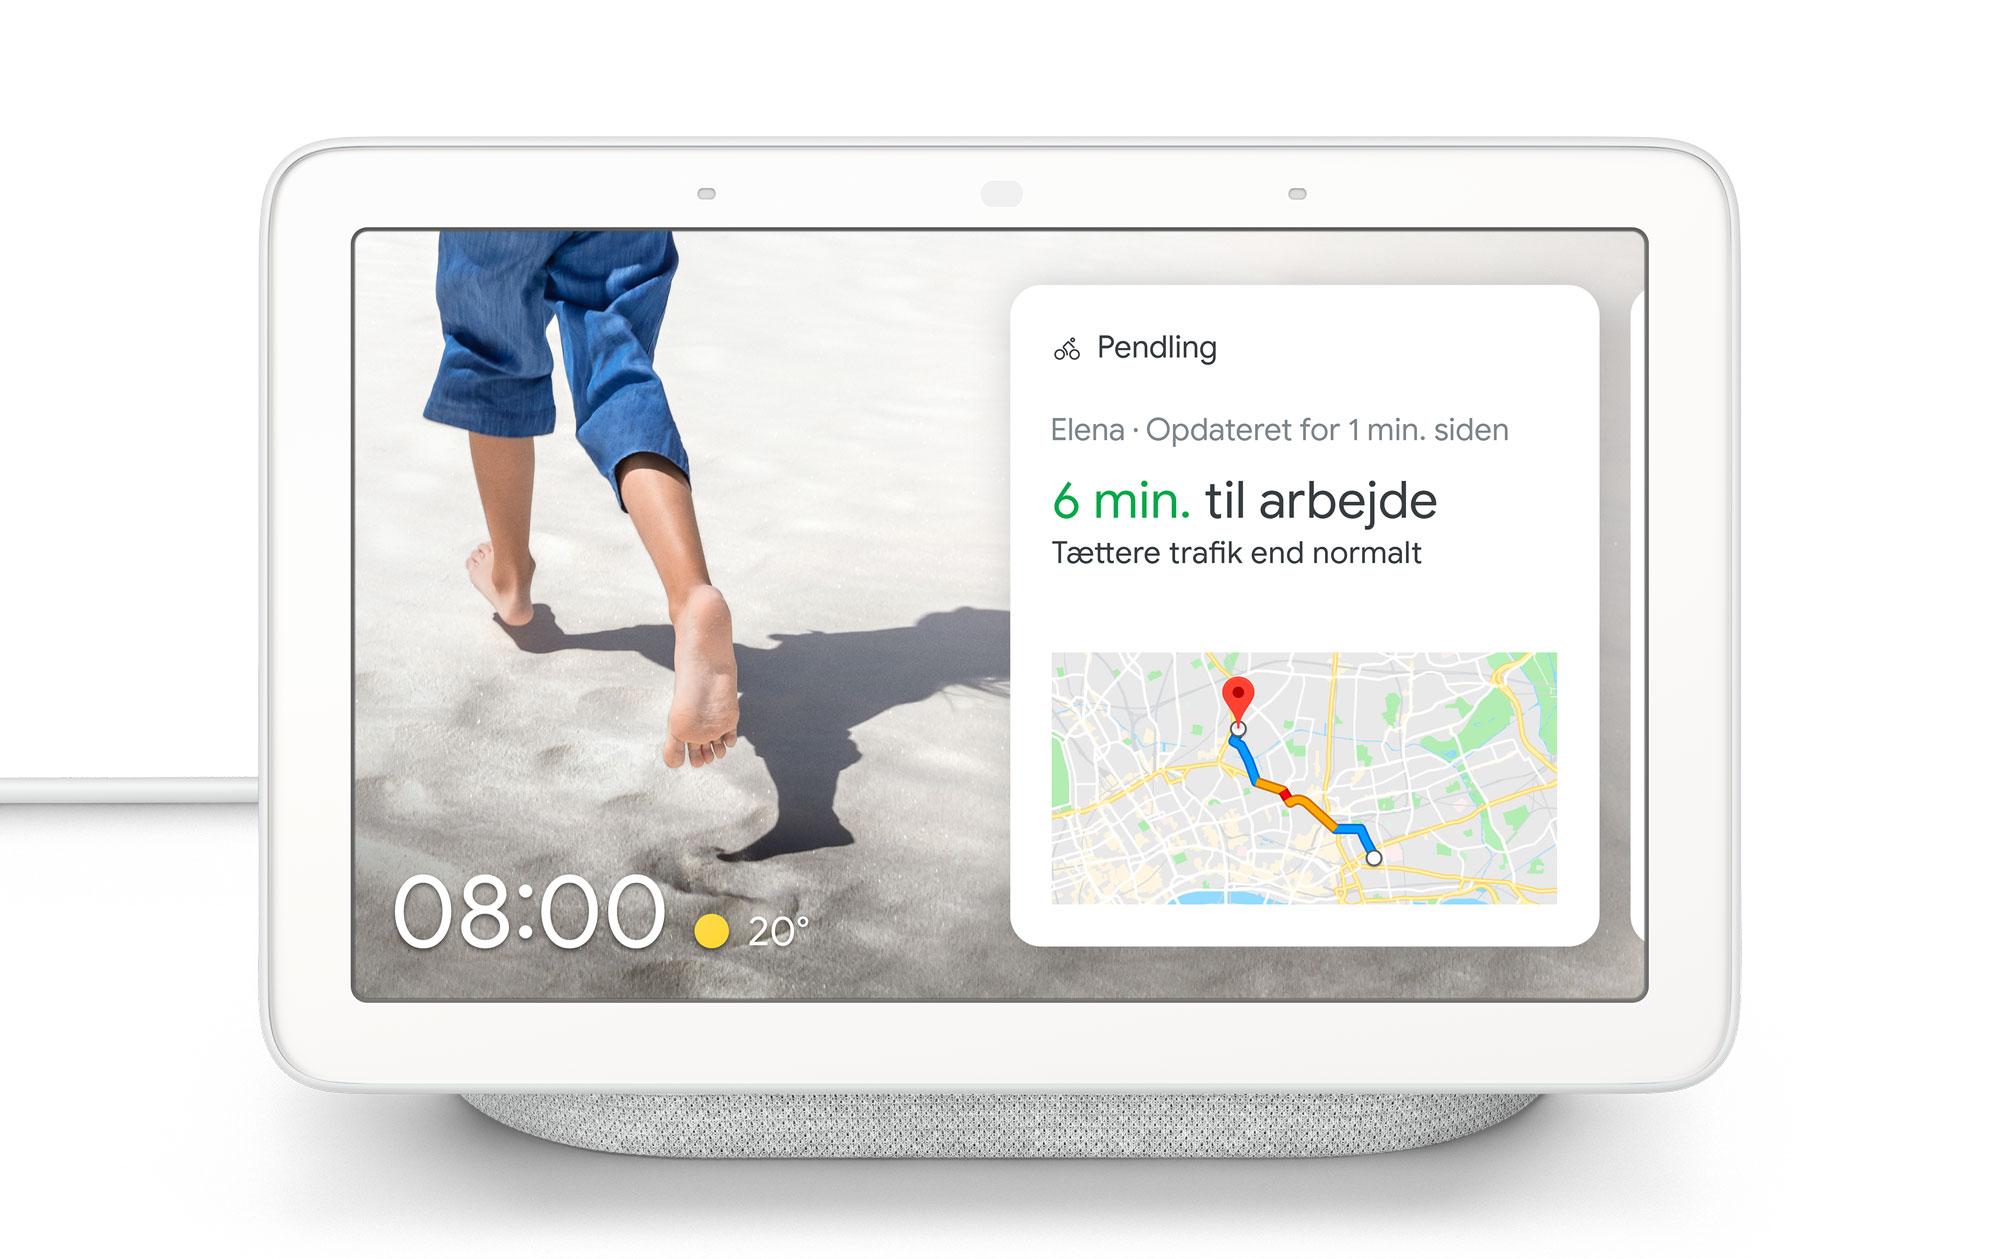 Google Nest Hub giver ekstra muligheder med Googles digitale assistent.